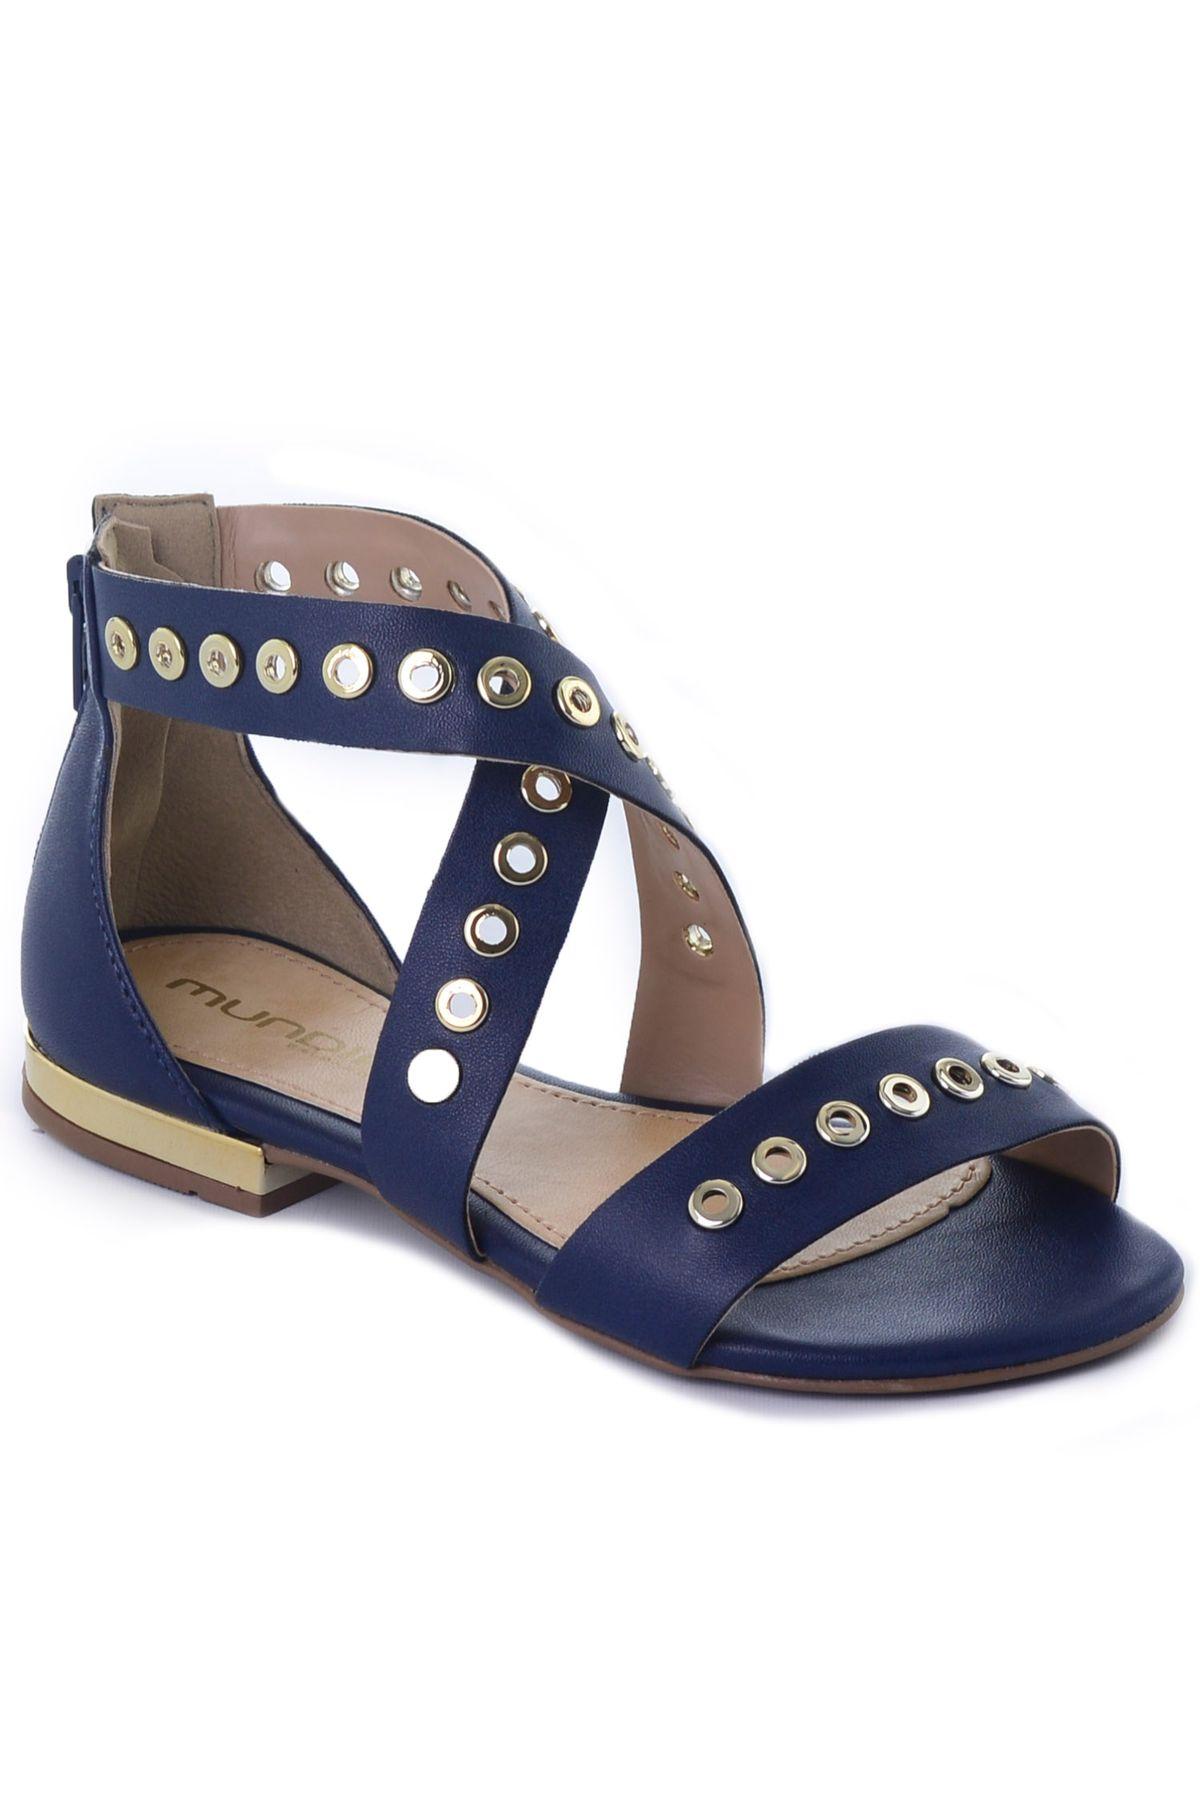 0c88181155f4cf Sandália Infantil Via Scarpa Zue   Mundial Calçados - Mundial Calçados